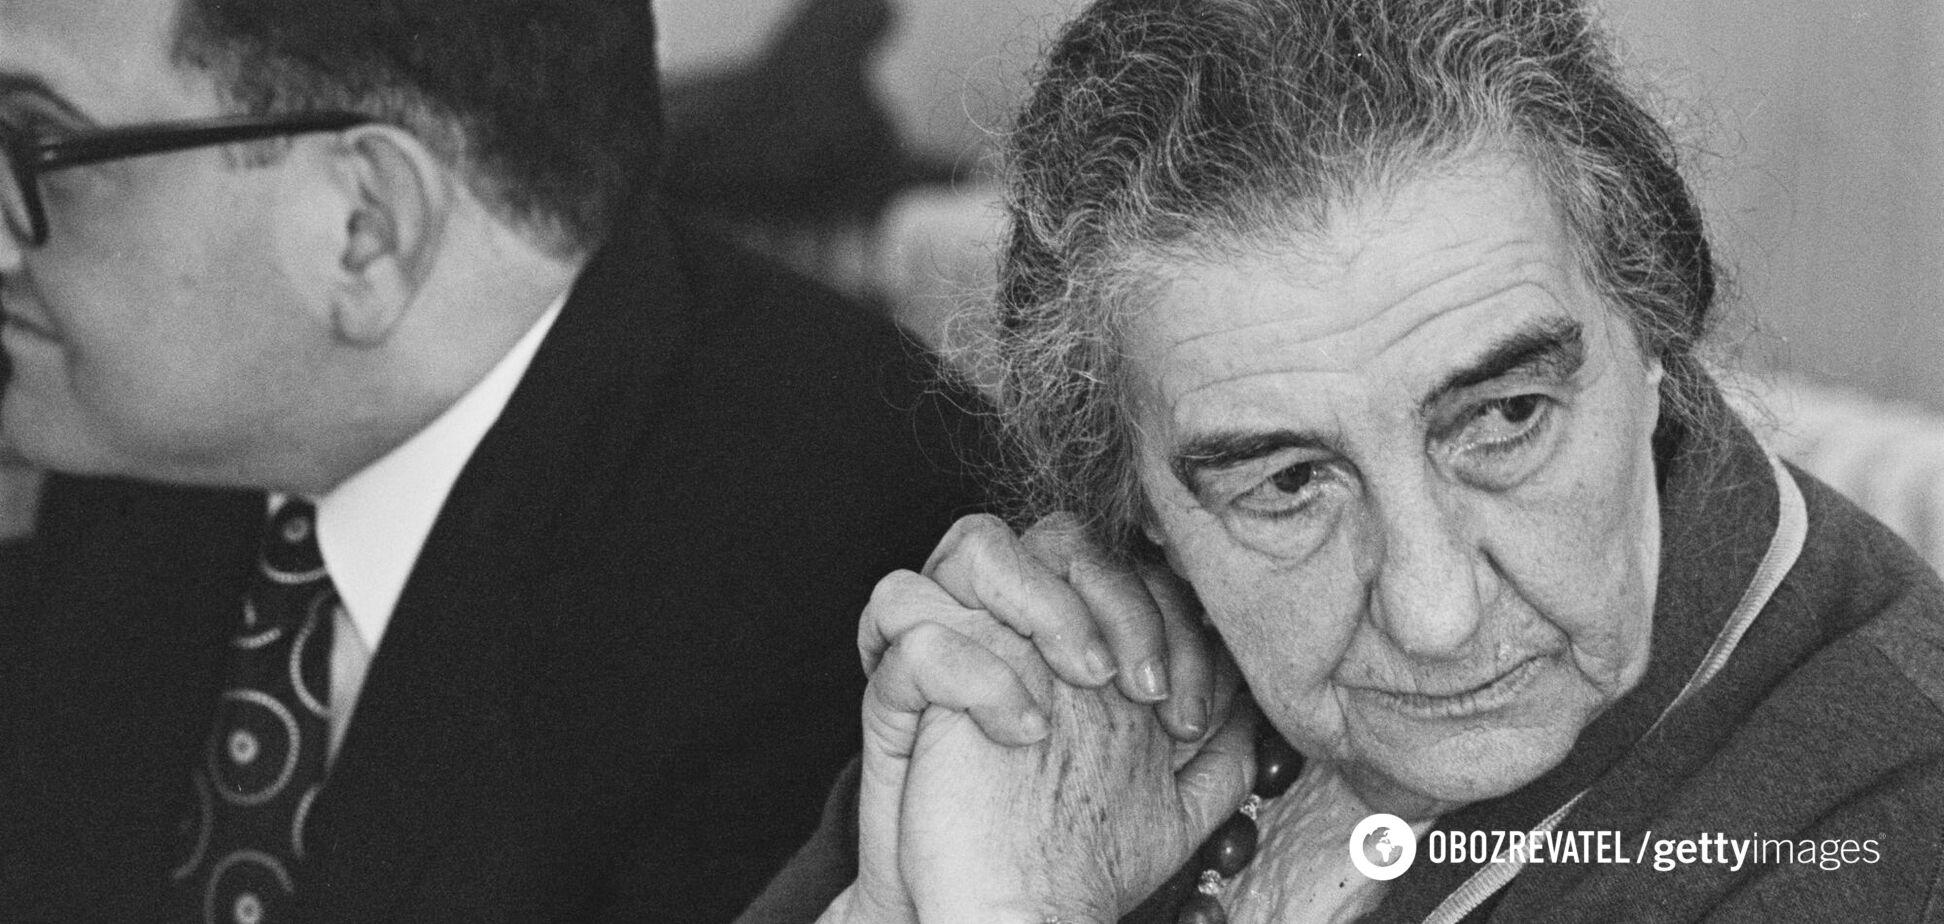 Голда Меир была первой женщиной, возглавившей правительство Израиля